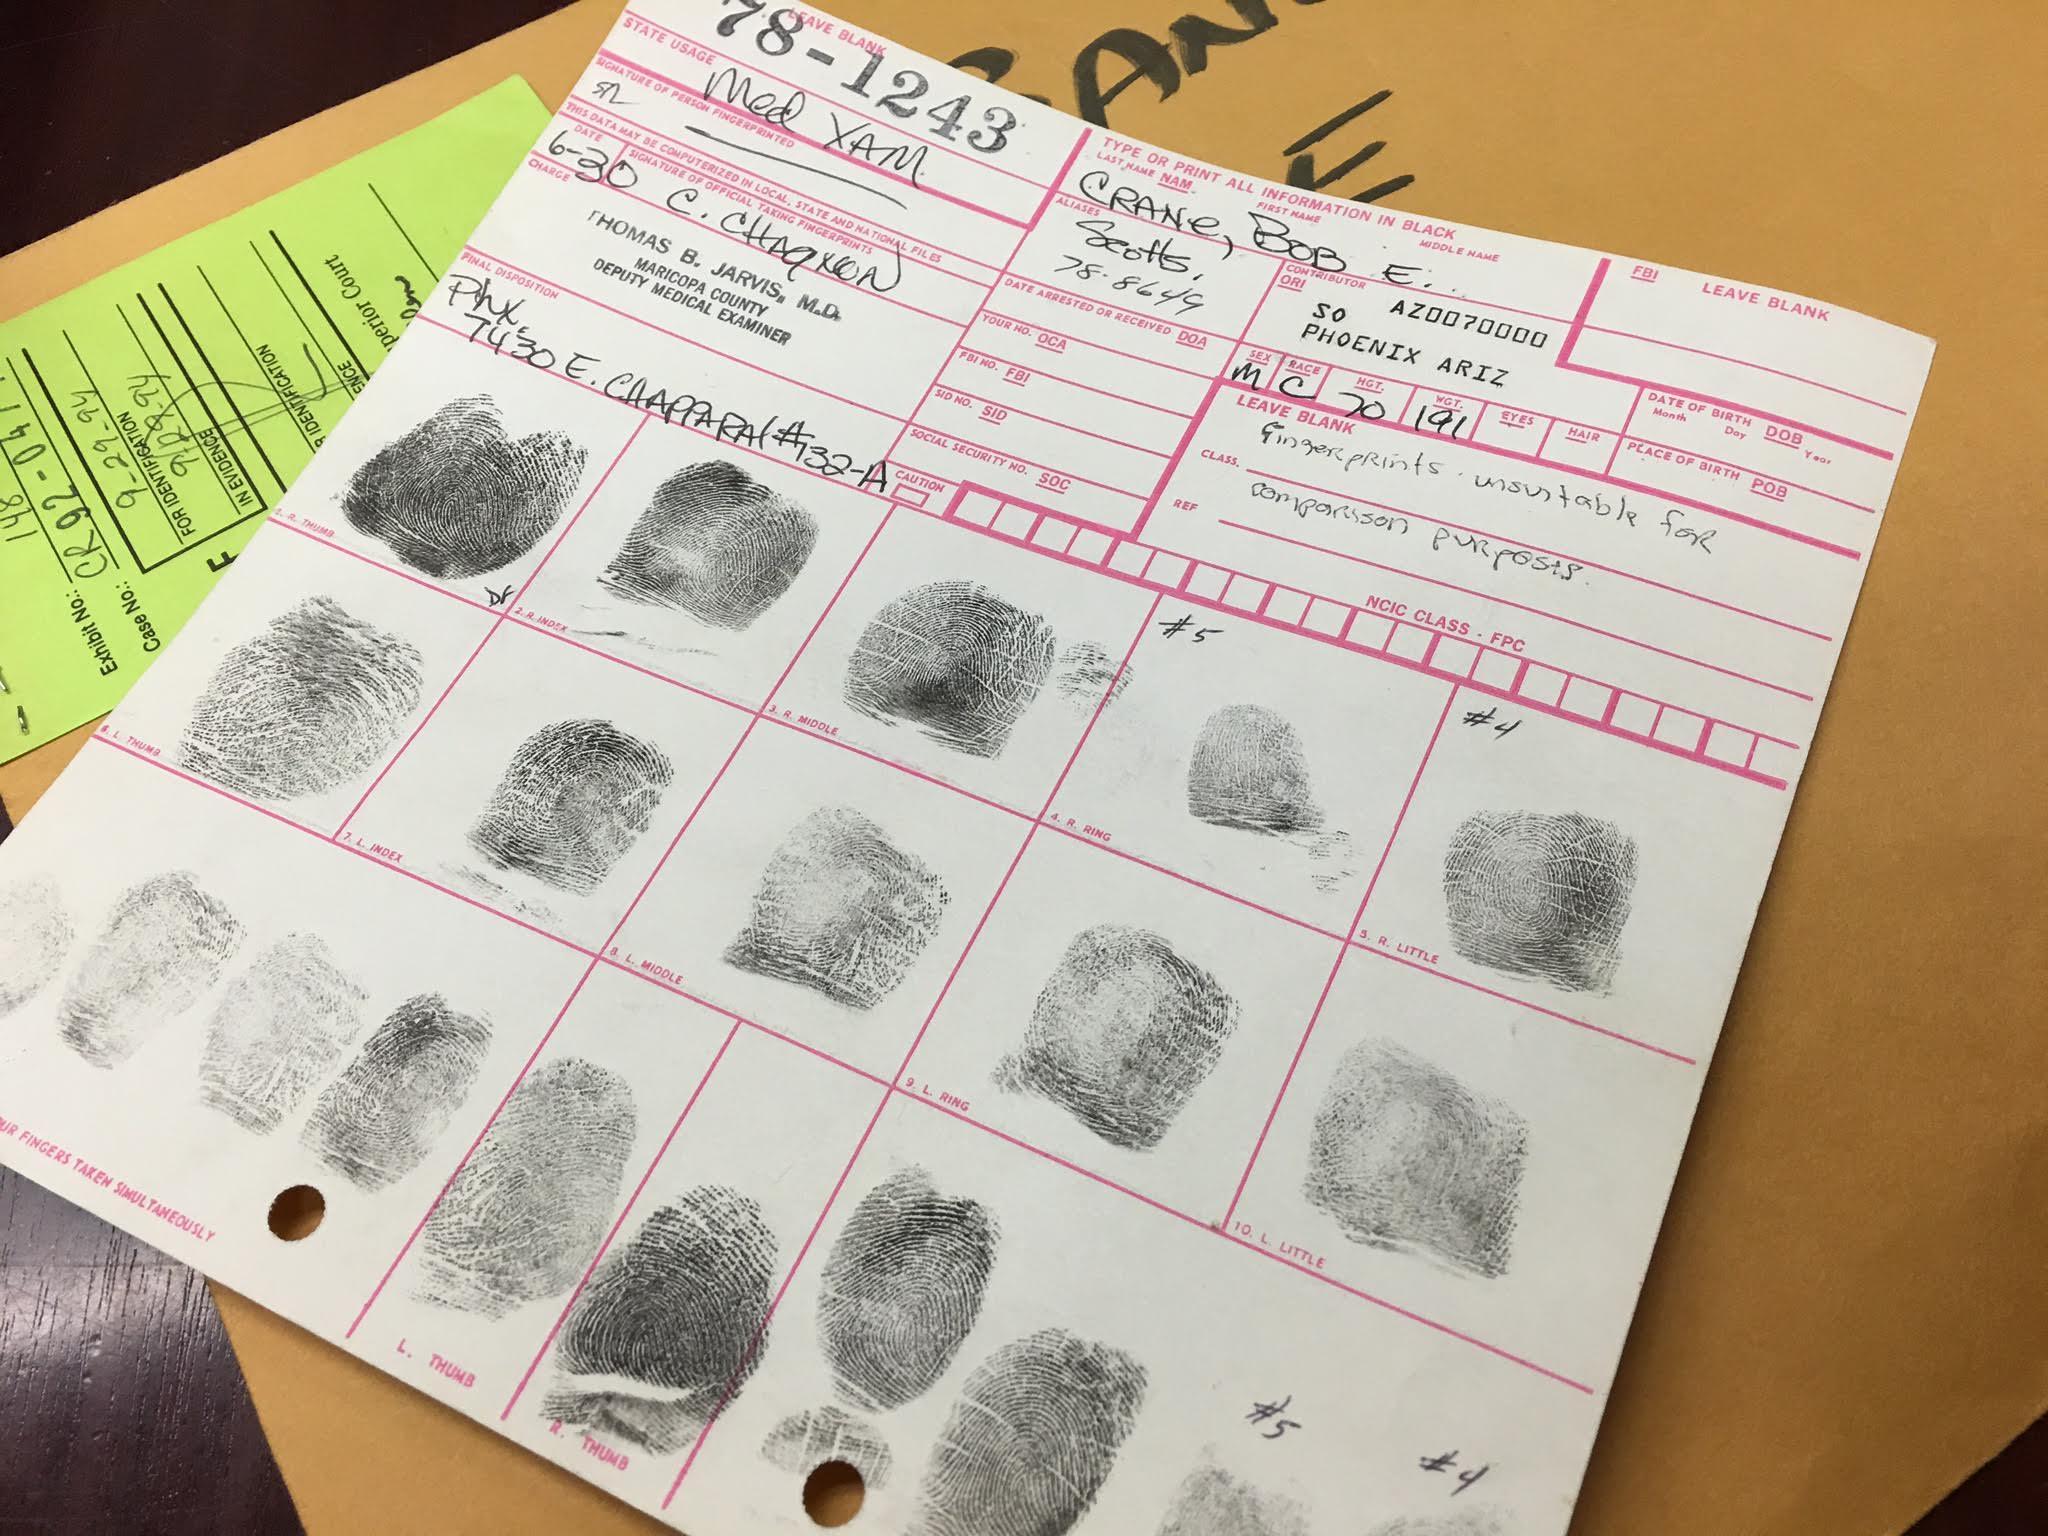 Bob Crane's finger prints